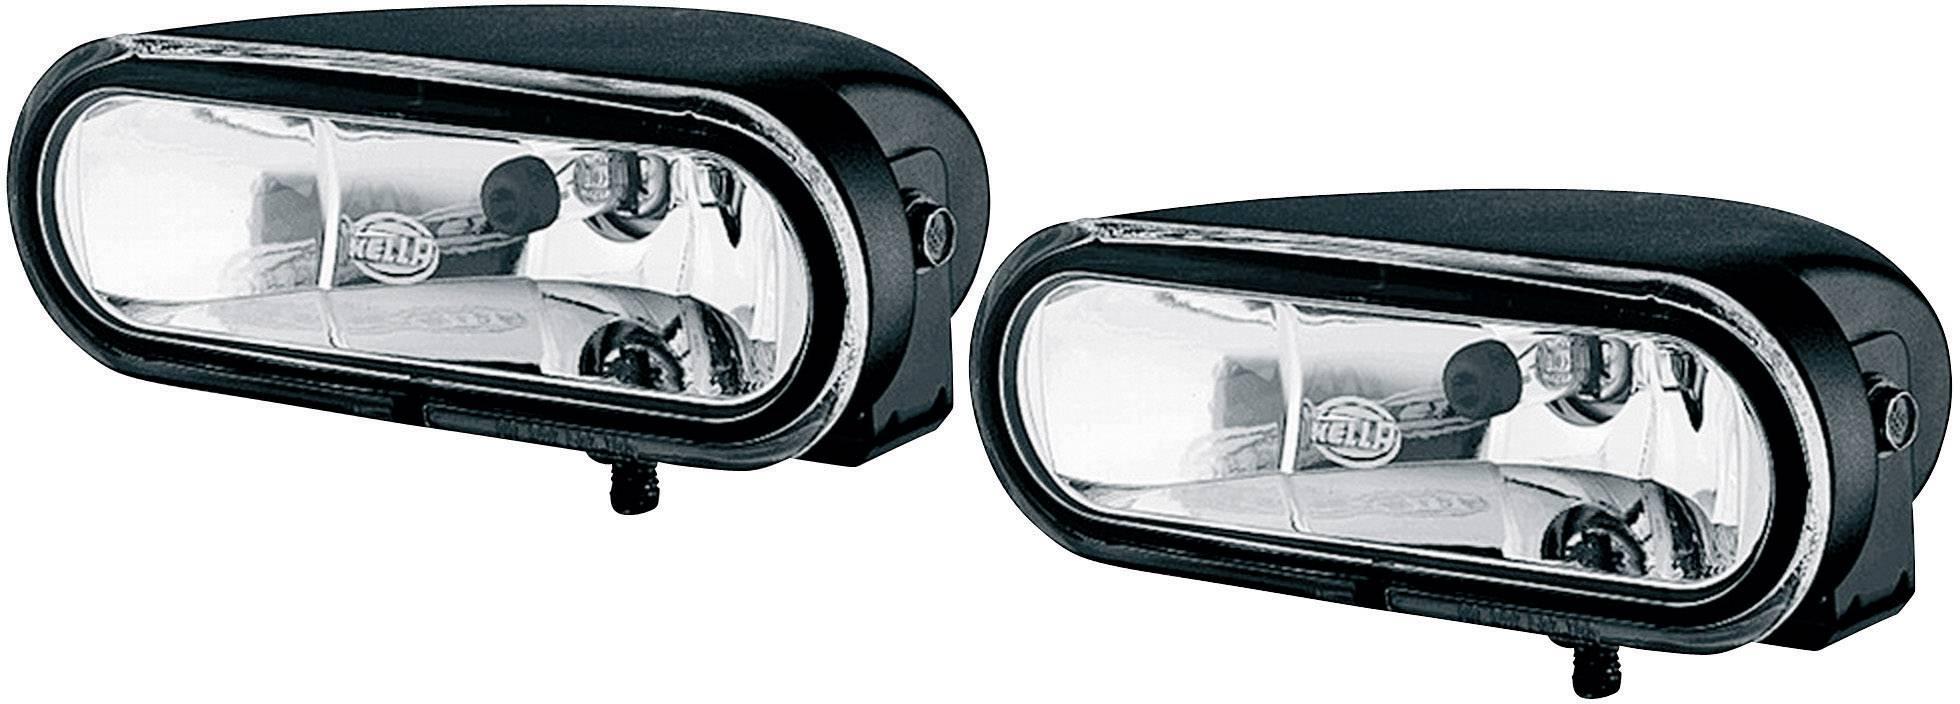 H7 diaľkový svetlomet Hella FF 75, (š x v x h) 155 x 63 x 97 mm